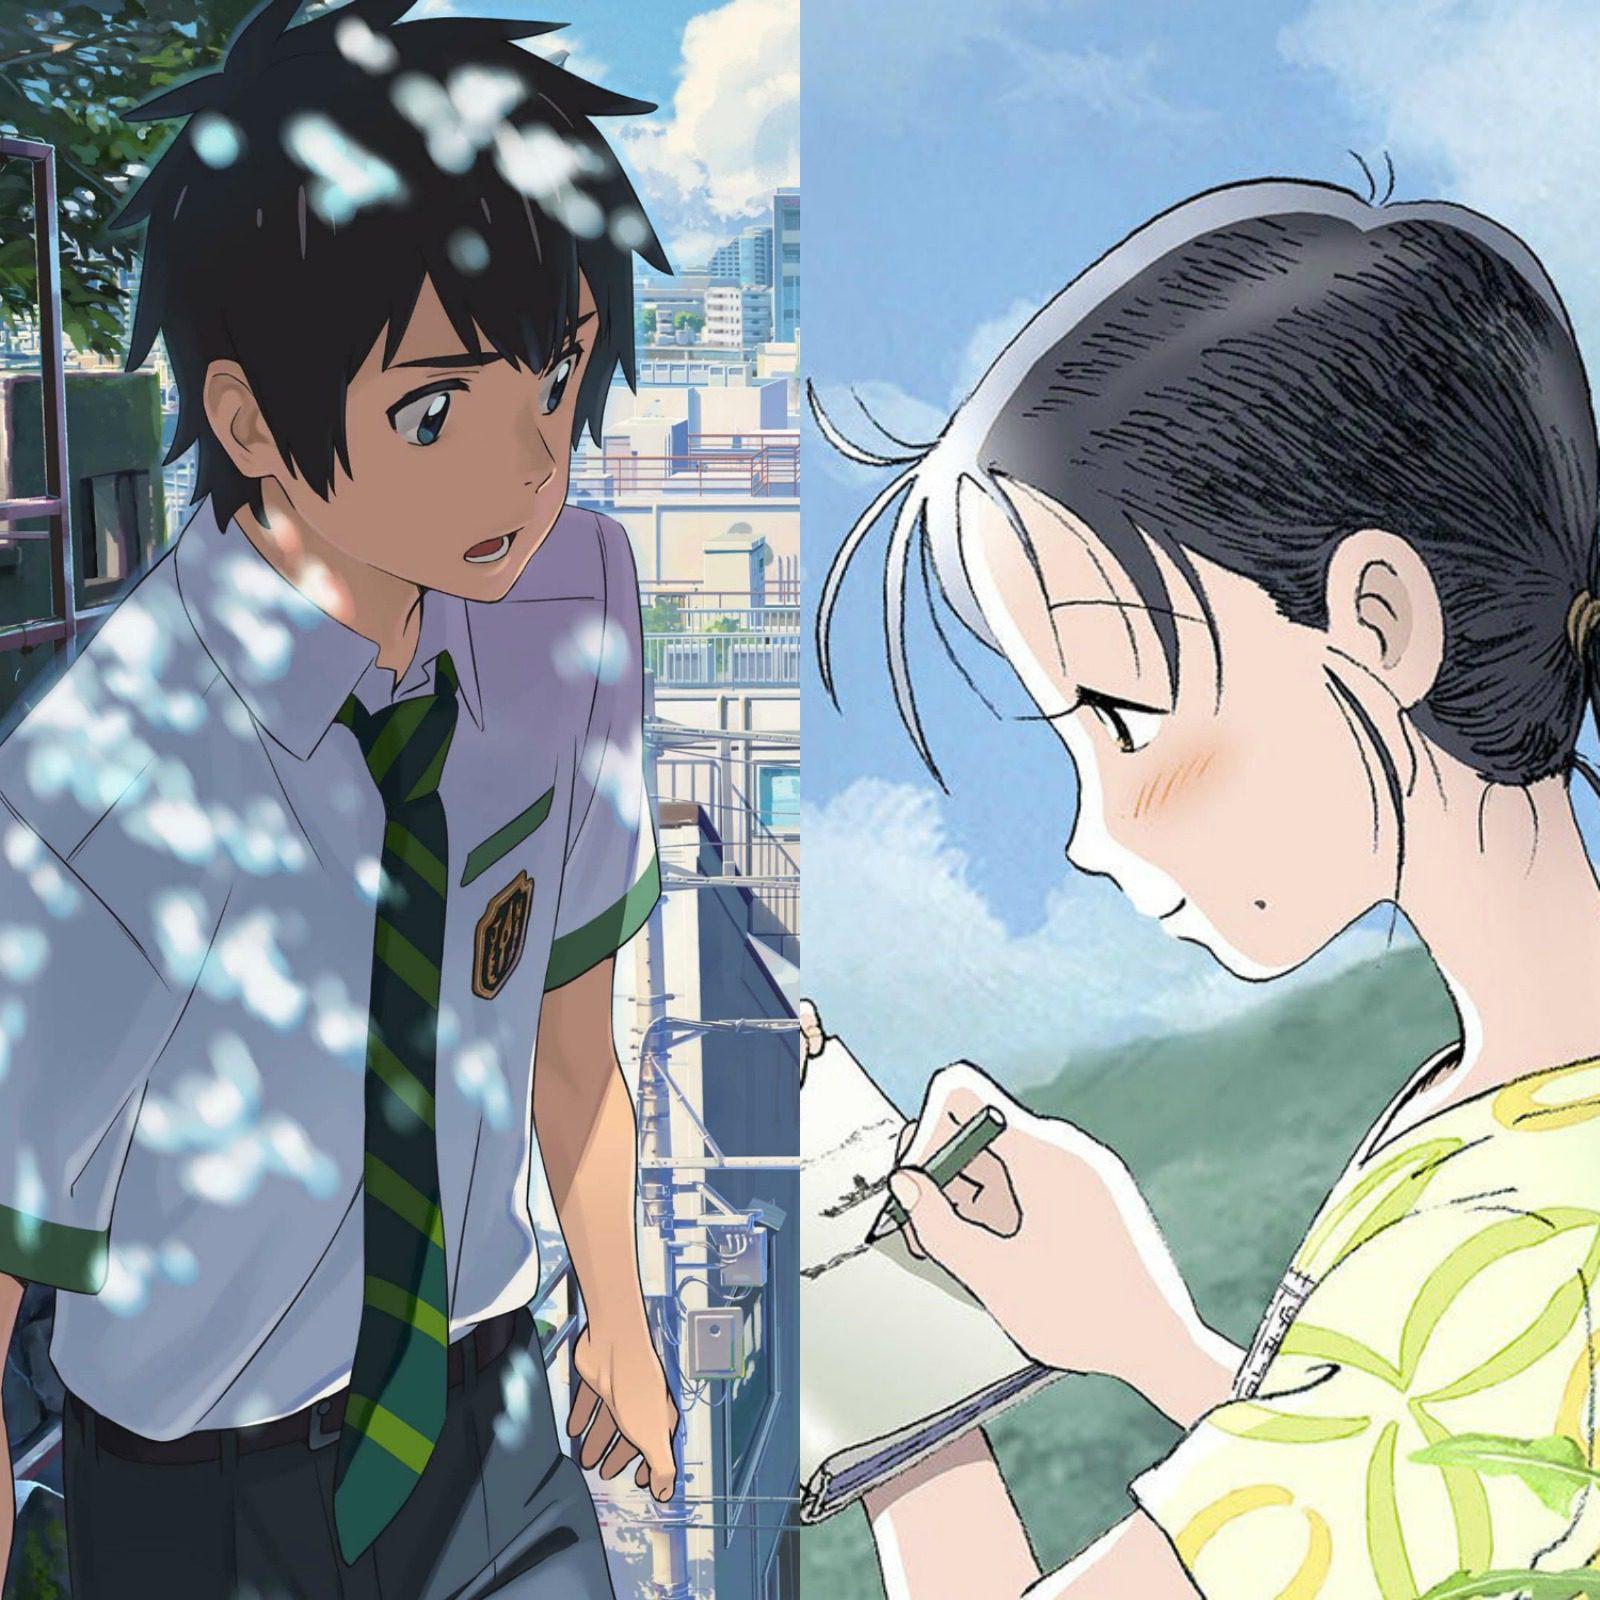 Your Name Y Otras 11 Peliculas De Anime Actuales Que No Te Debes Perder Ecartelera